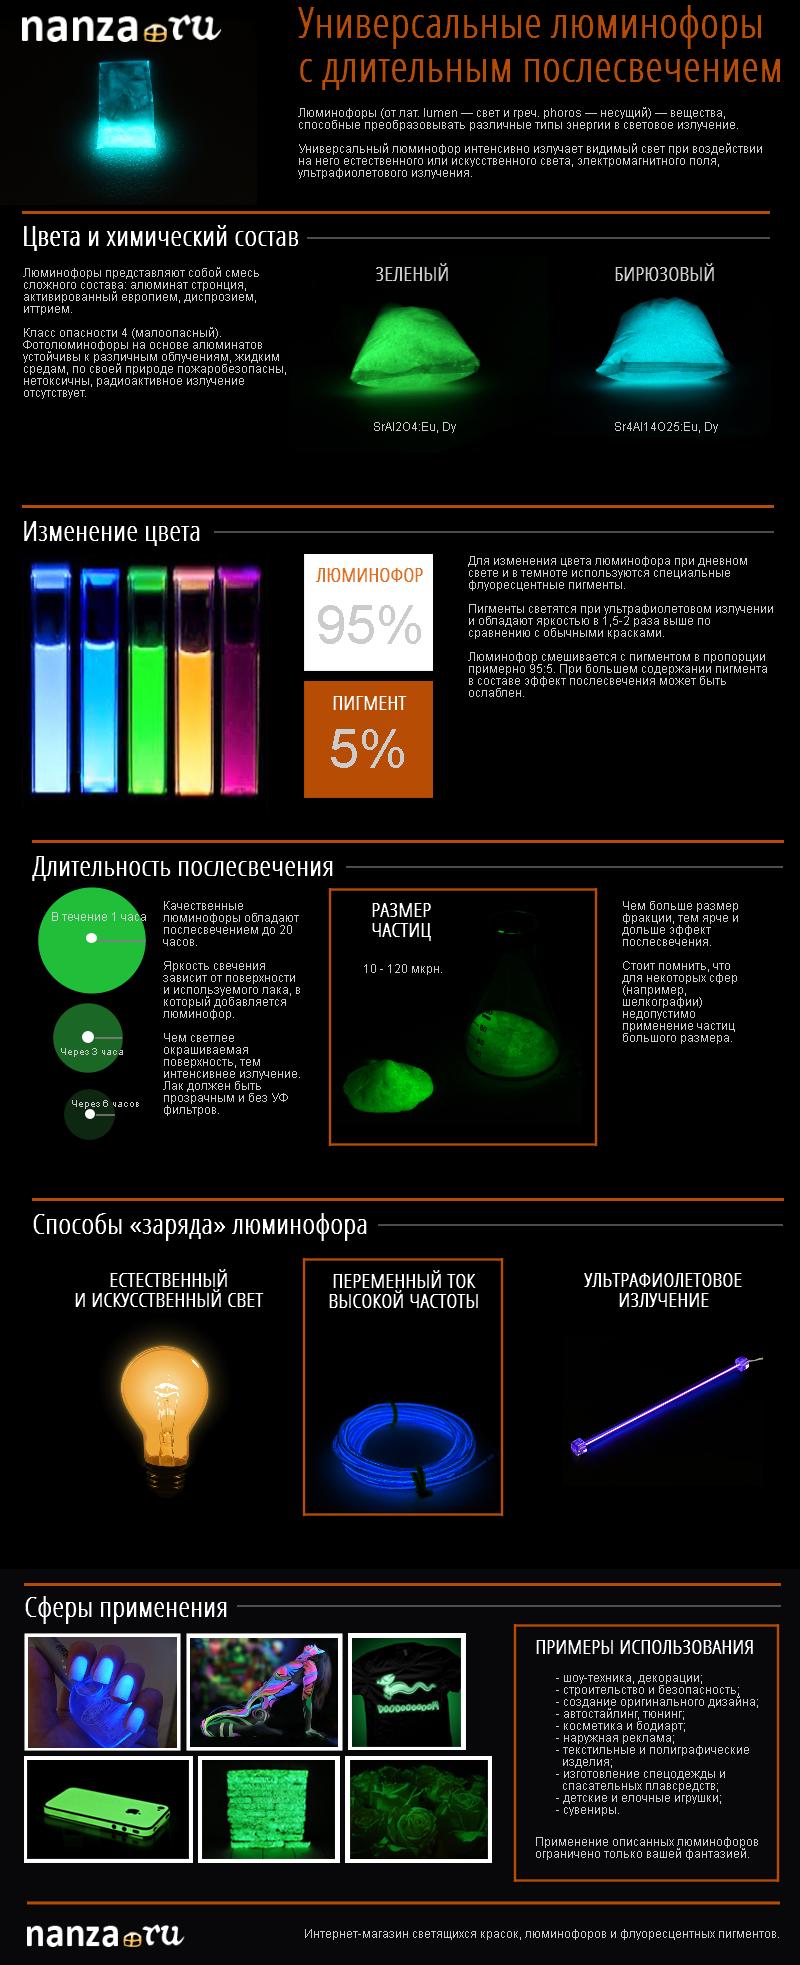 Универсальные люминофоры с длительным послесвечением